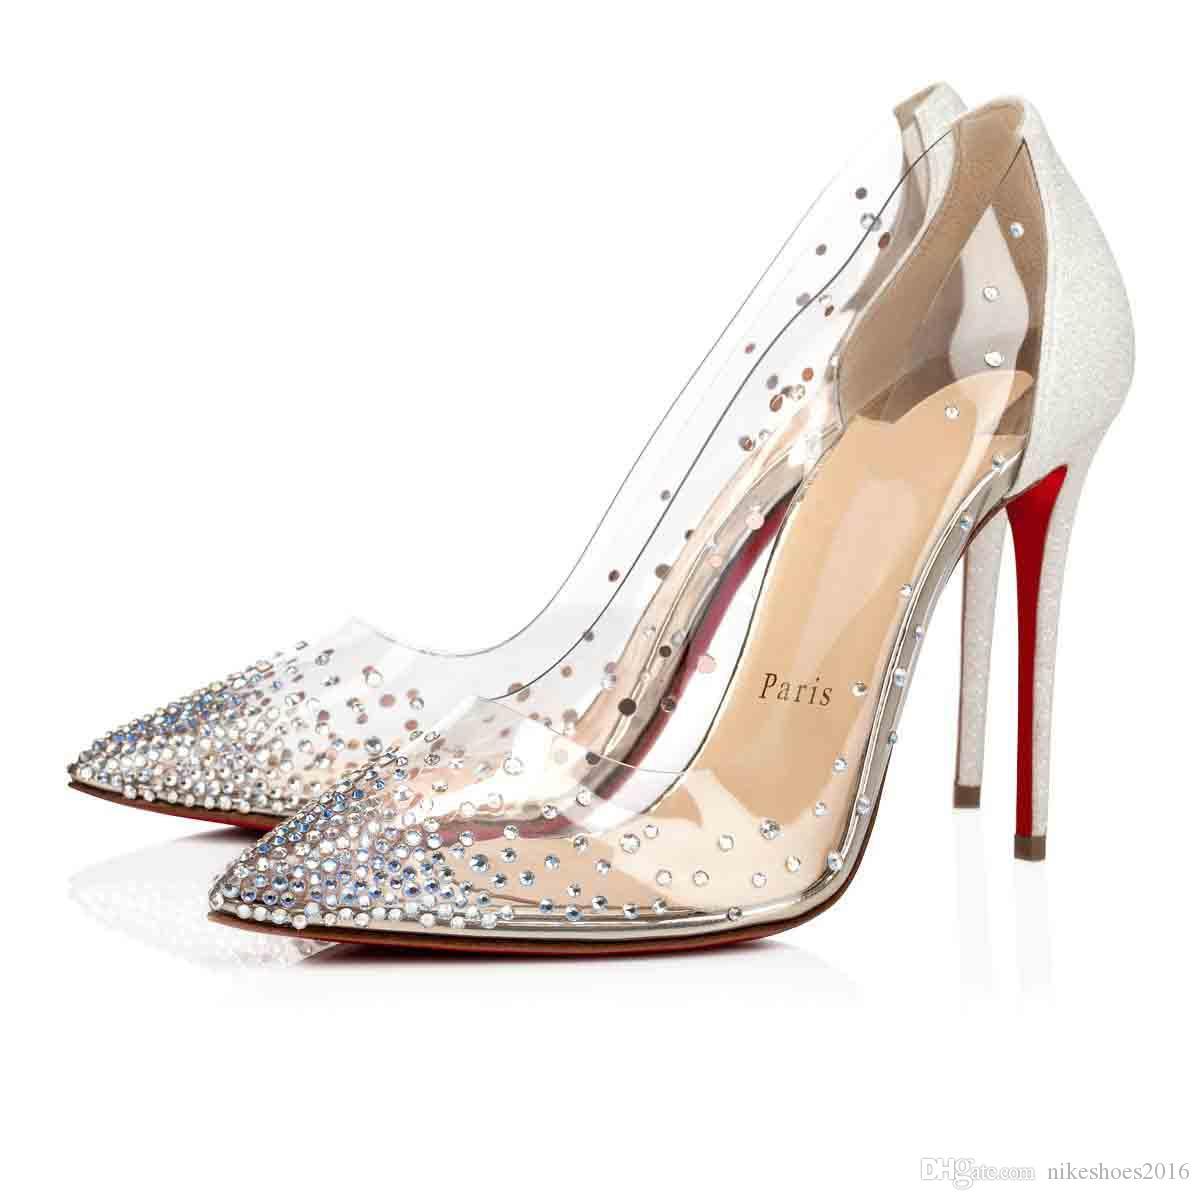 السيدات الكعوب العالية Galativi نوع من الكريستال الأحمر أسفل الأحذية مضخة الأسود عاري المرأة فستان الزفاف حفل زفاف اللباس الخصم مع صندوق